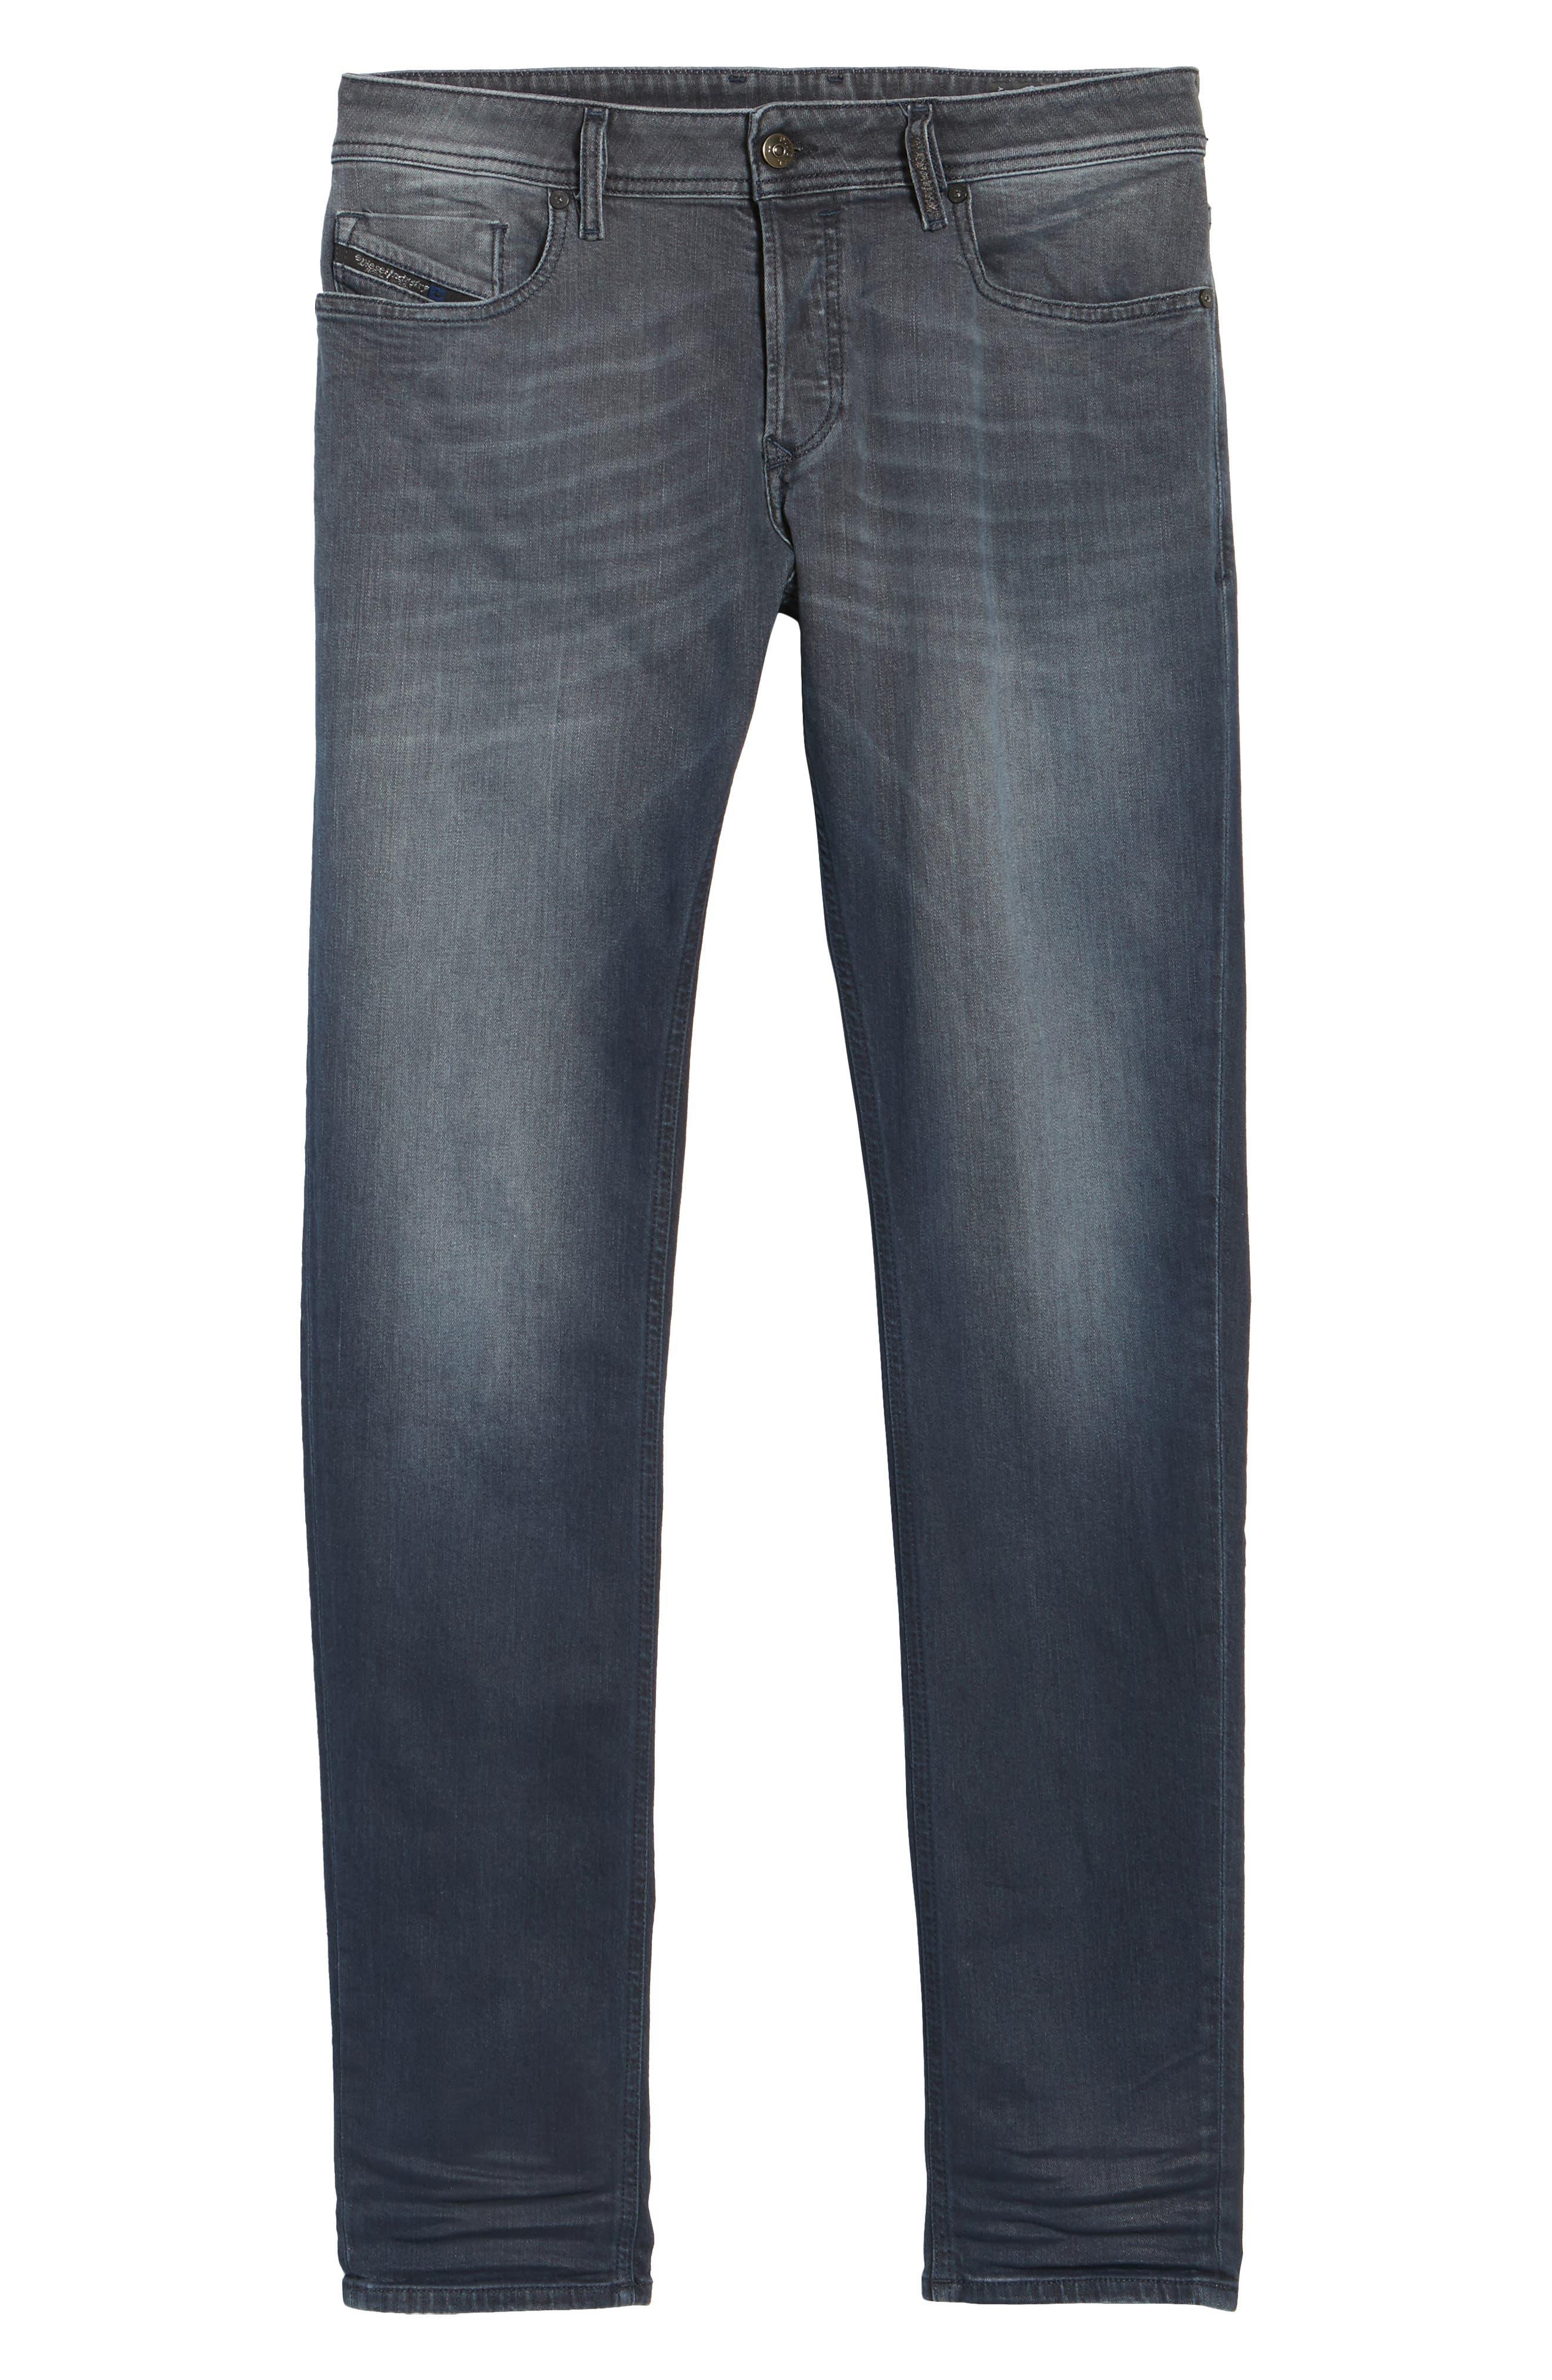 Sleenker Skinny Fit Jeans,                             Alternate thumbnail 6, color,                             400